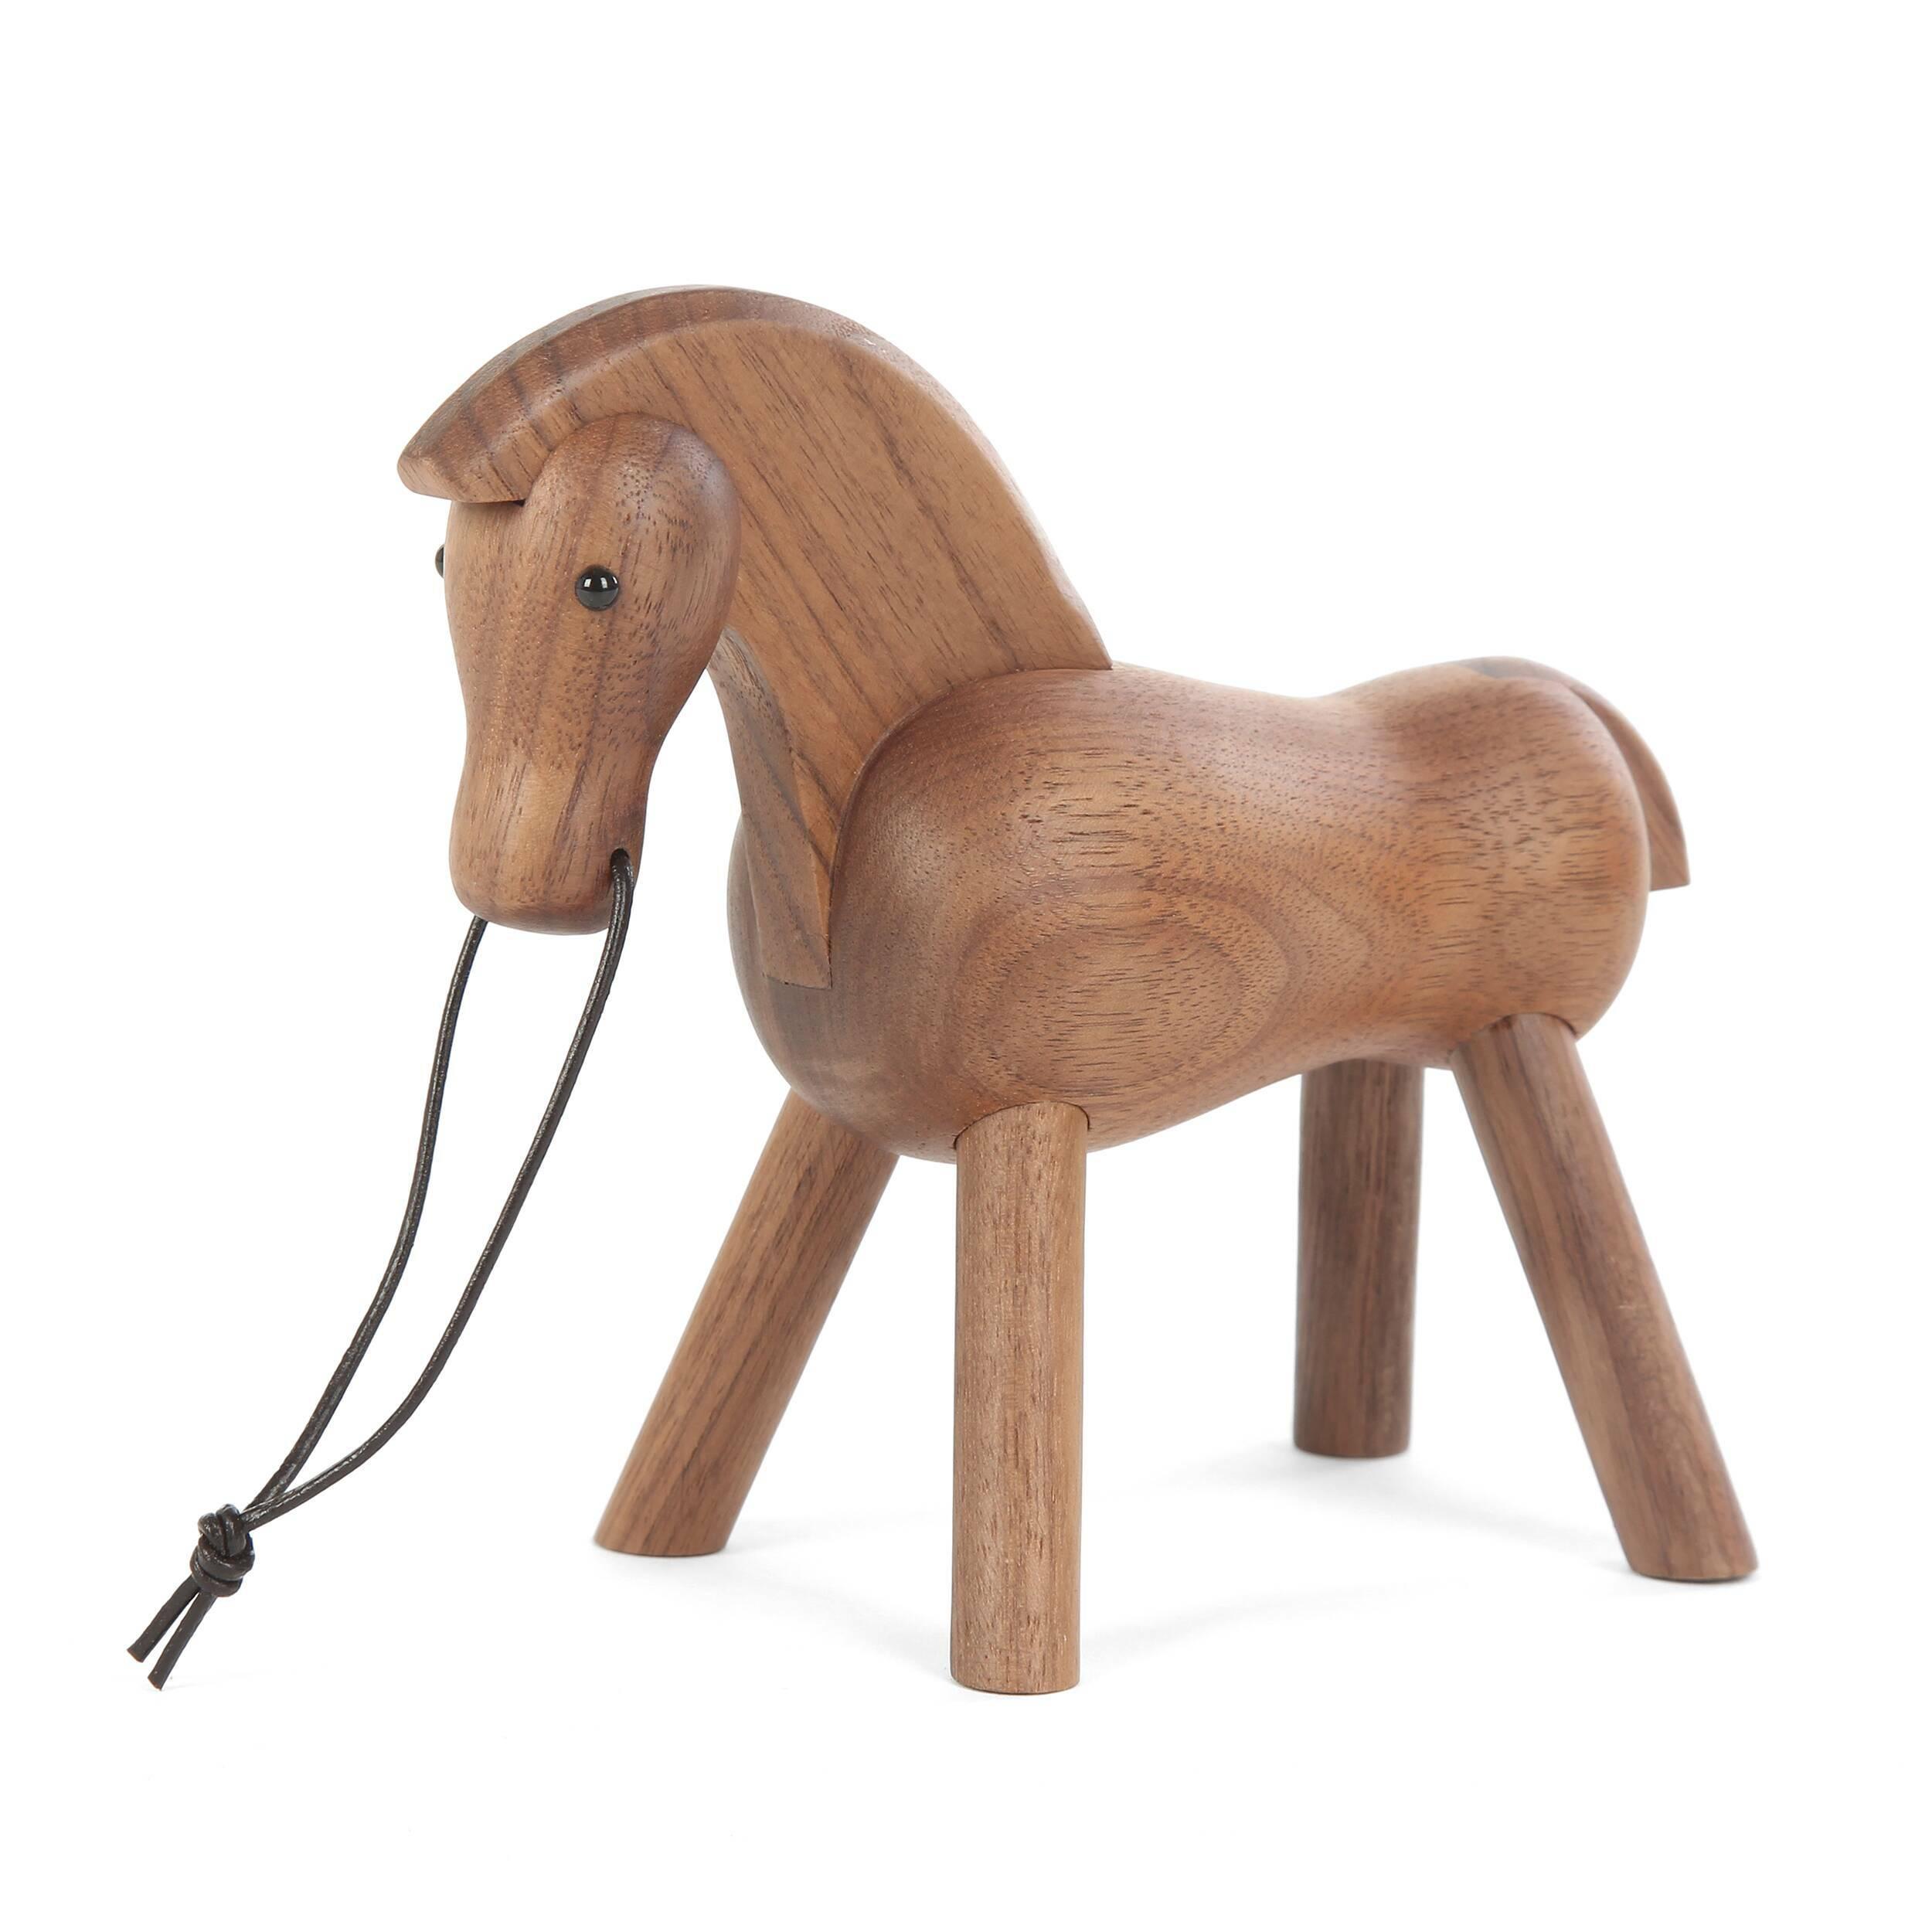 Статуэтка Horse FireНастольные<br>Простая на первый взгляд, эта фигурка воплощает в себе силу и спокойствие, благодаря чему отлично подойдет для интерьера, которому нужно придать более яркий, оживленный характер. Дизайнерская статуэтка Horse Fire легко вольется как в классический интерьер, так и в обстановку в современном стиле.<br><br><br> «Огненный» вид коню придает выбранная для его создания древесина. Массив орехового дерева обладает насыщенным темно-коричневым цветом с легким красноватым оттенком. Дизайнеры также высоко цен...<br><br>stock: 17<br>Материал: Массив ореха<br>Цвет: Темно-коричневый<br>Длина: 14